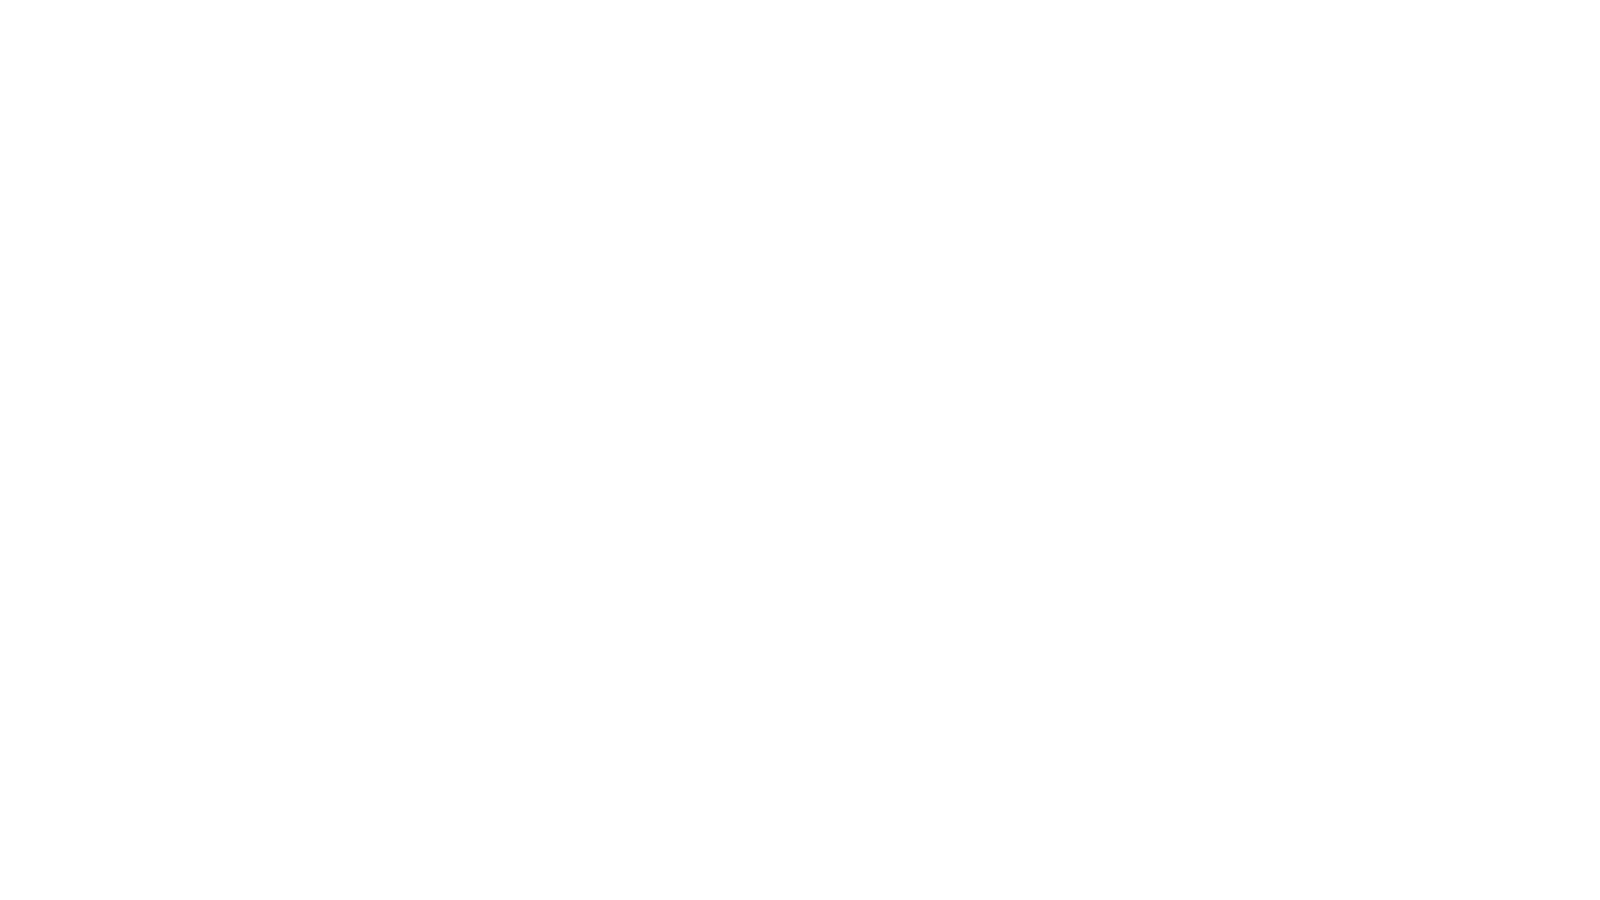 Przy okazji I Turnieju Futbolu Flagowego w Rybniku Prezes Dawid Biały porozmawiał z Devionem Youngiem o rywalizacji i szansach na pojawienie się futbolu flagowego na Igrzyskach Olimpijskich w Los Angeles 2028 🏈  Napisy dostępne